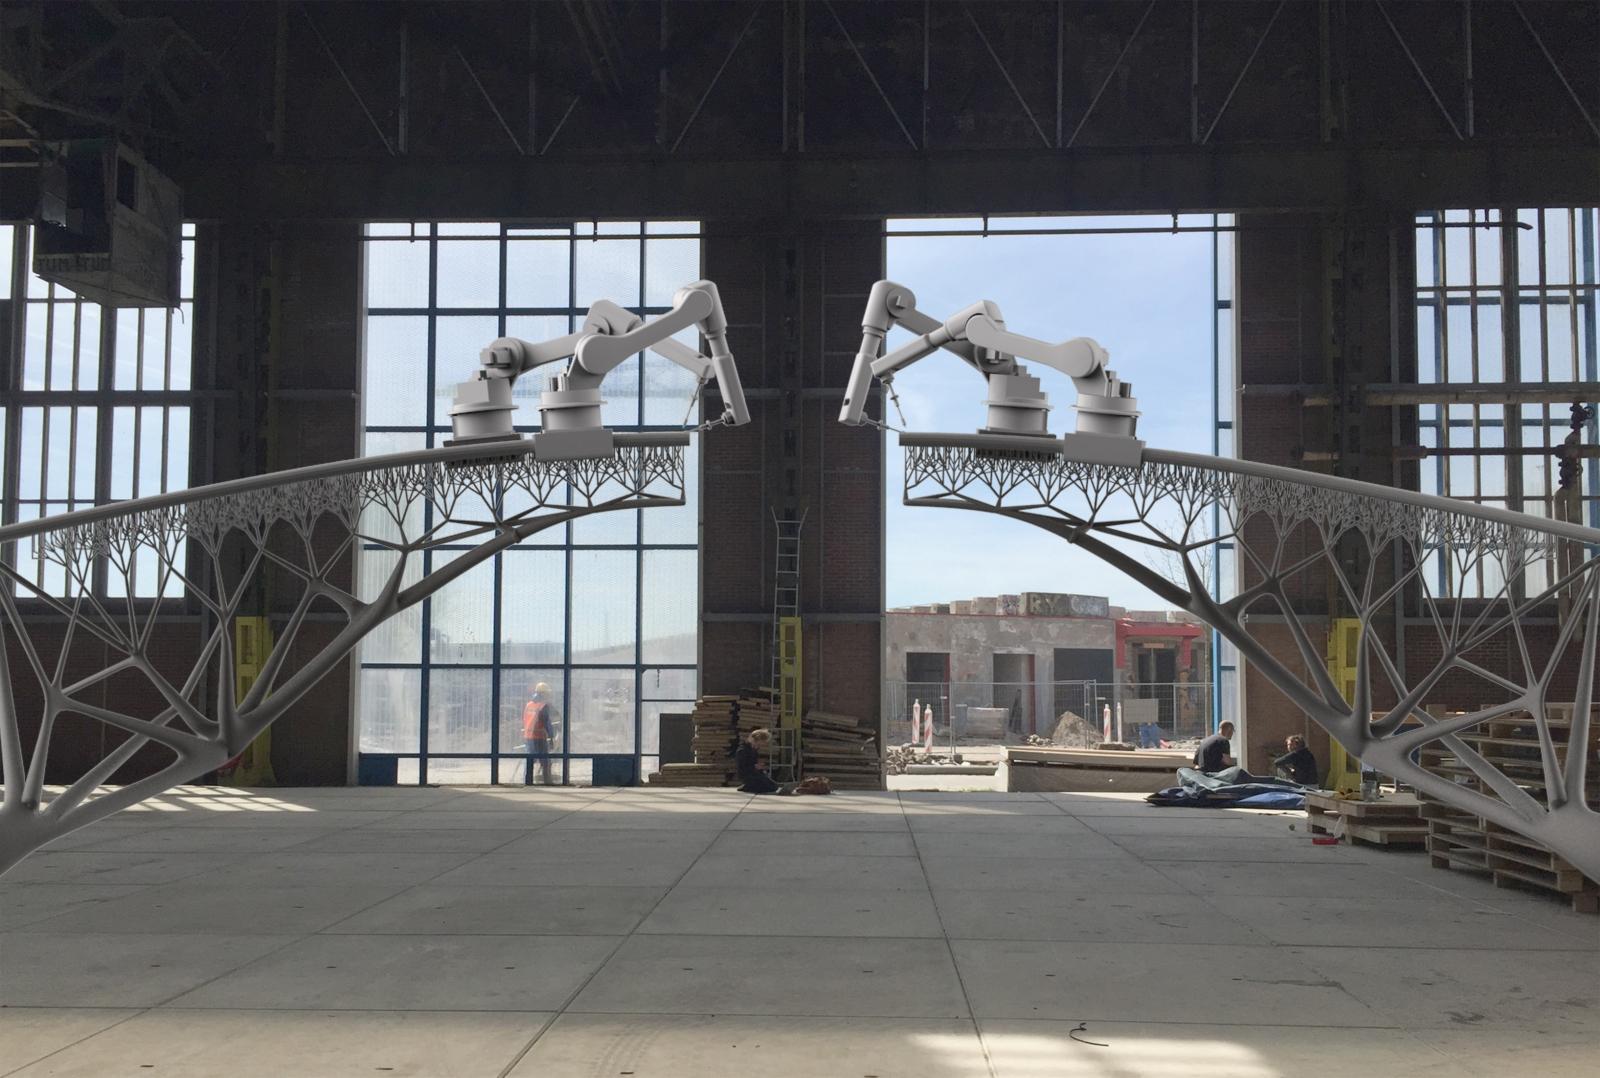 MX3D 3D printing a bridge using robots